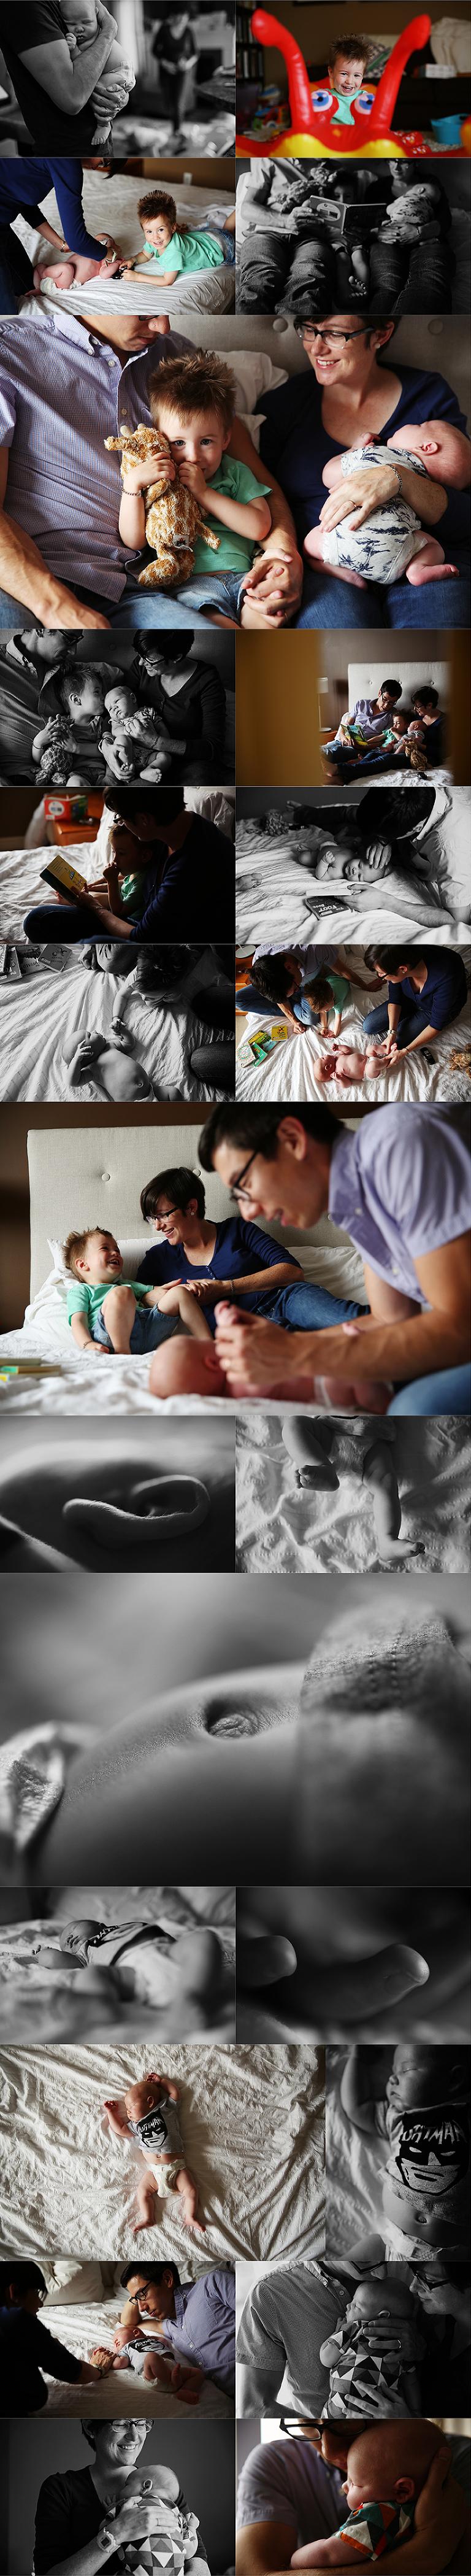 edmonton_newborn_photographer-1